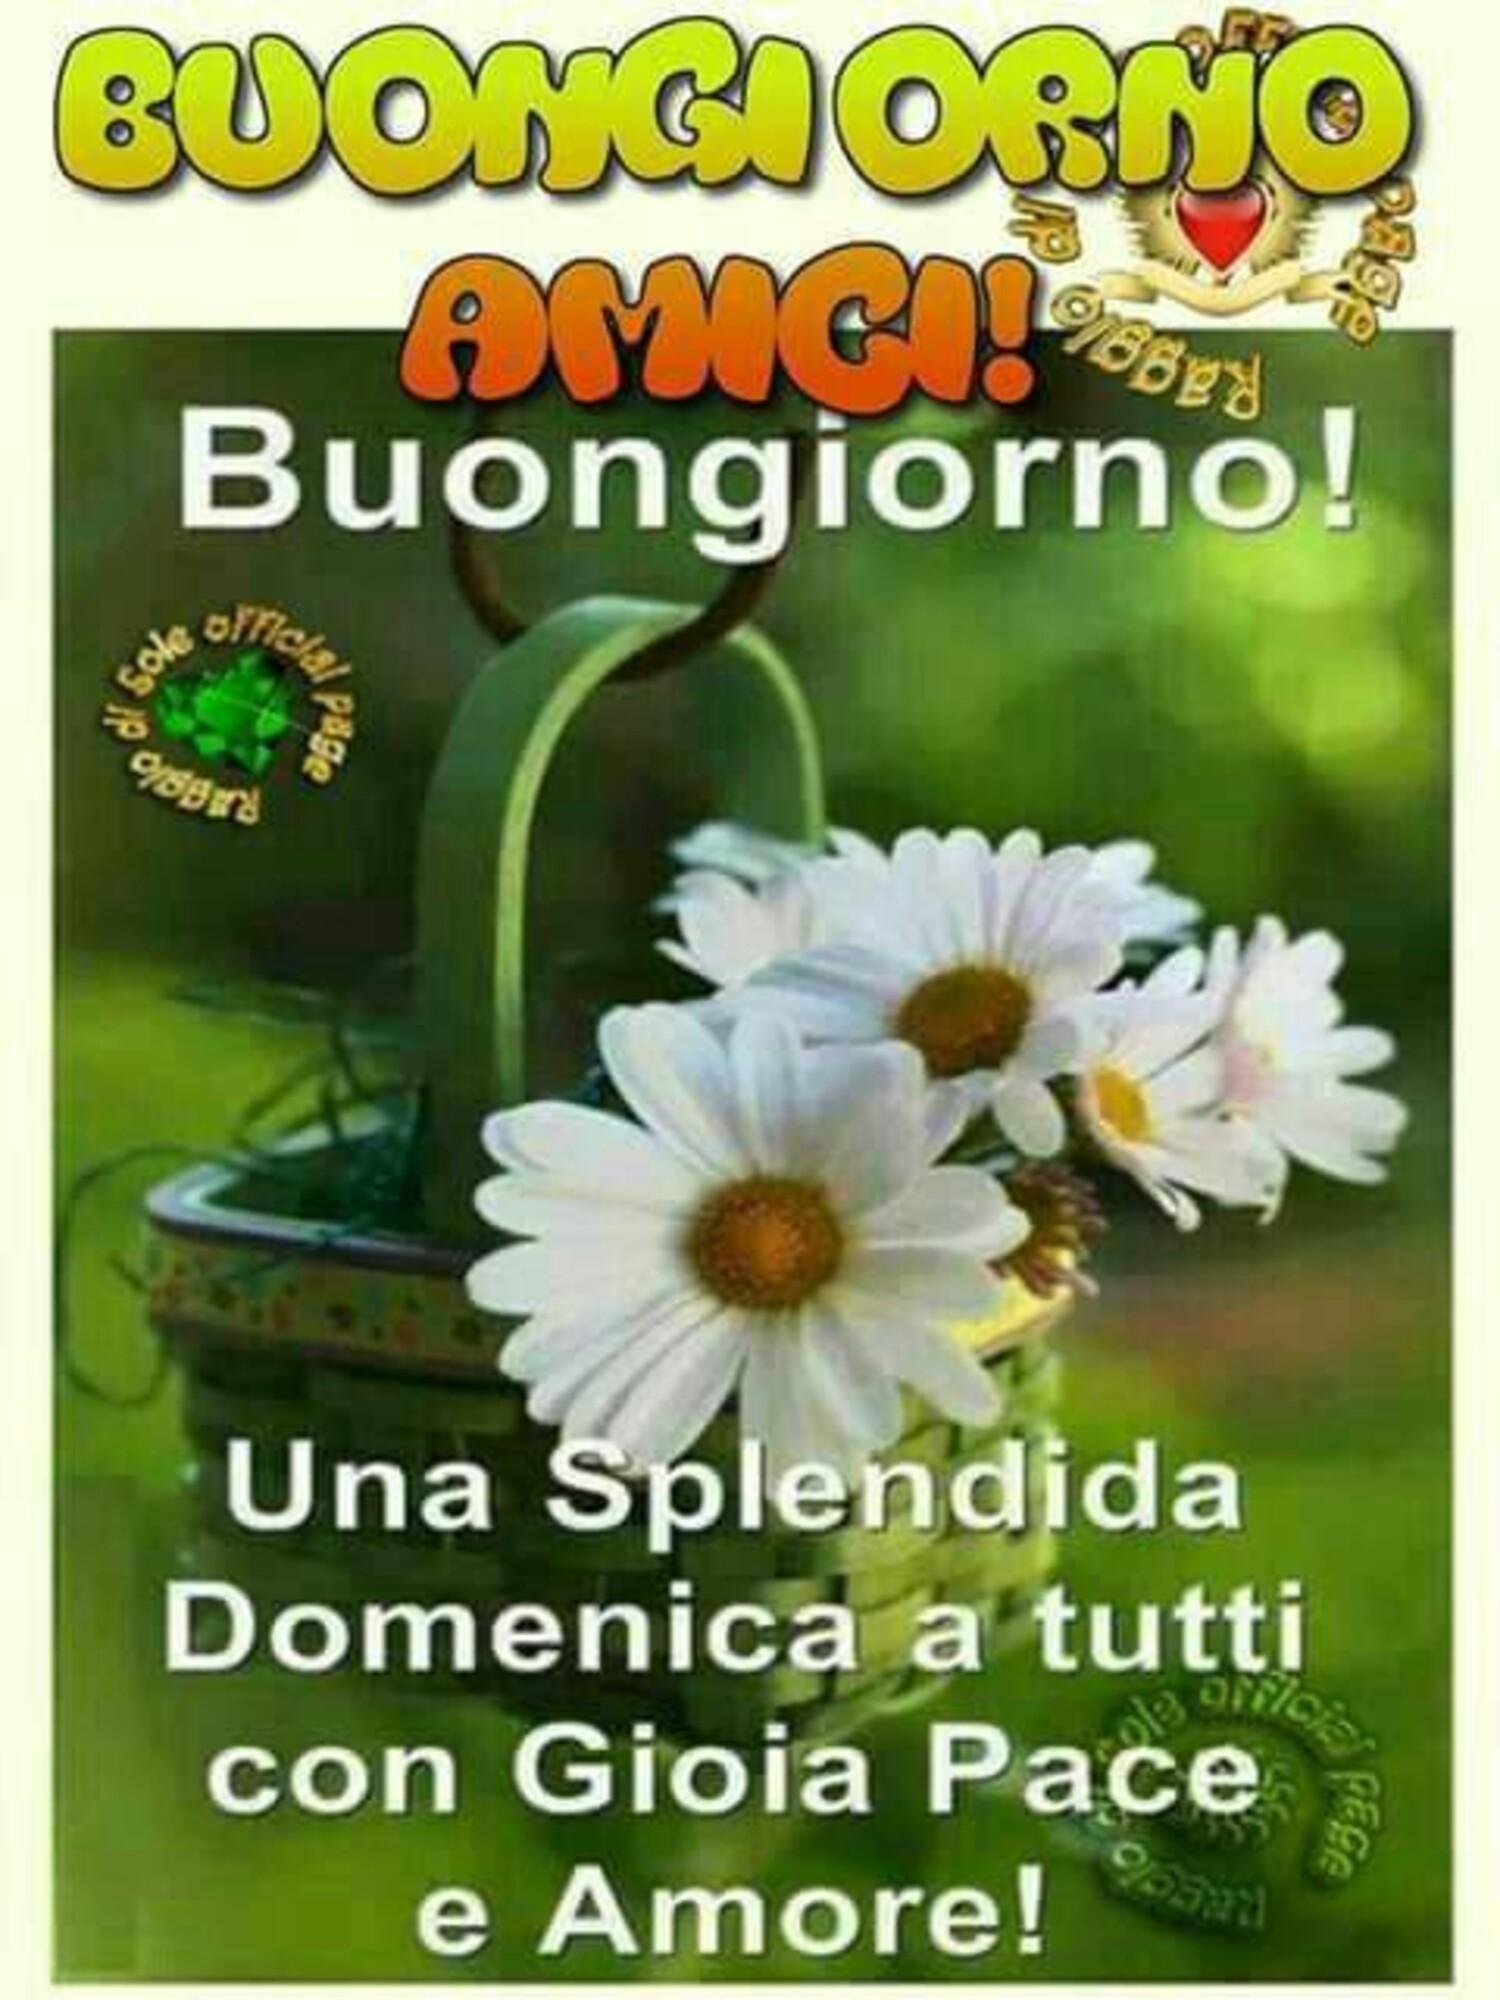 Buongiorno amici buongiorno! Una splendida domenica a tutti con gioia pace e amore